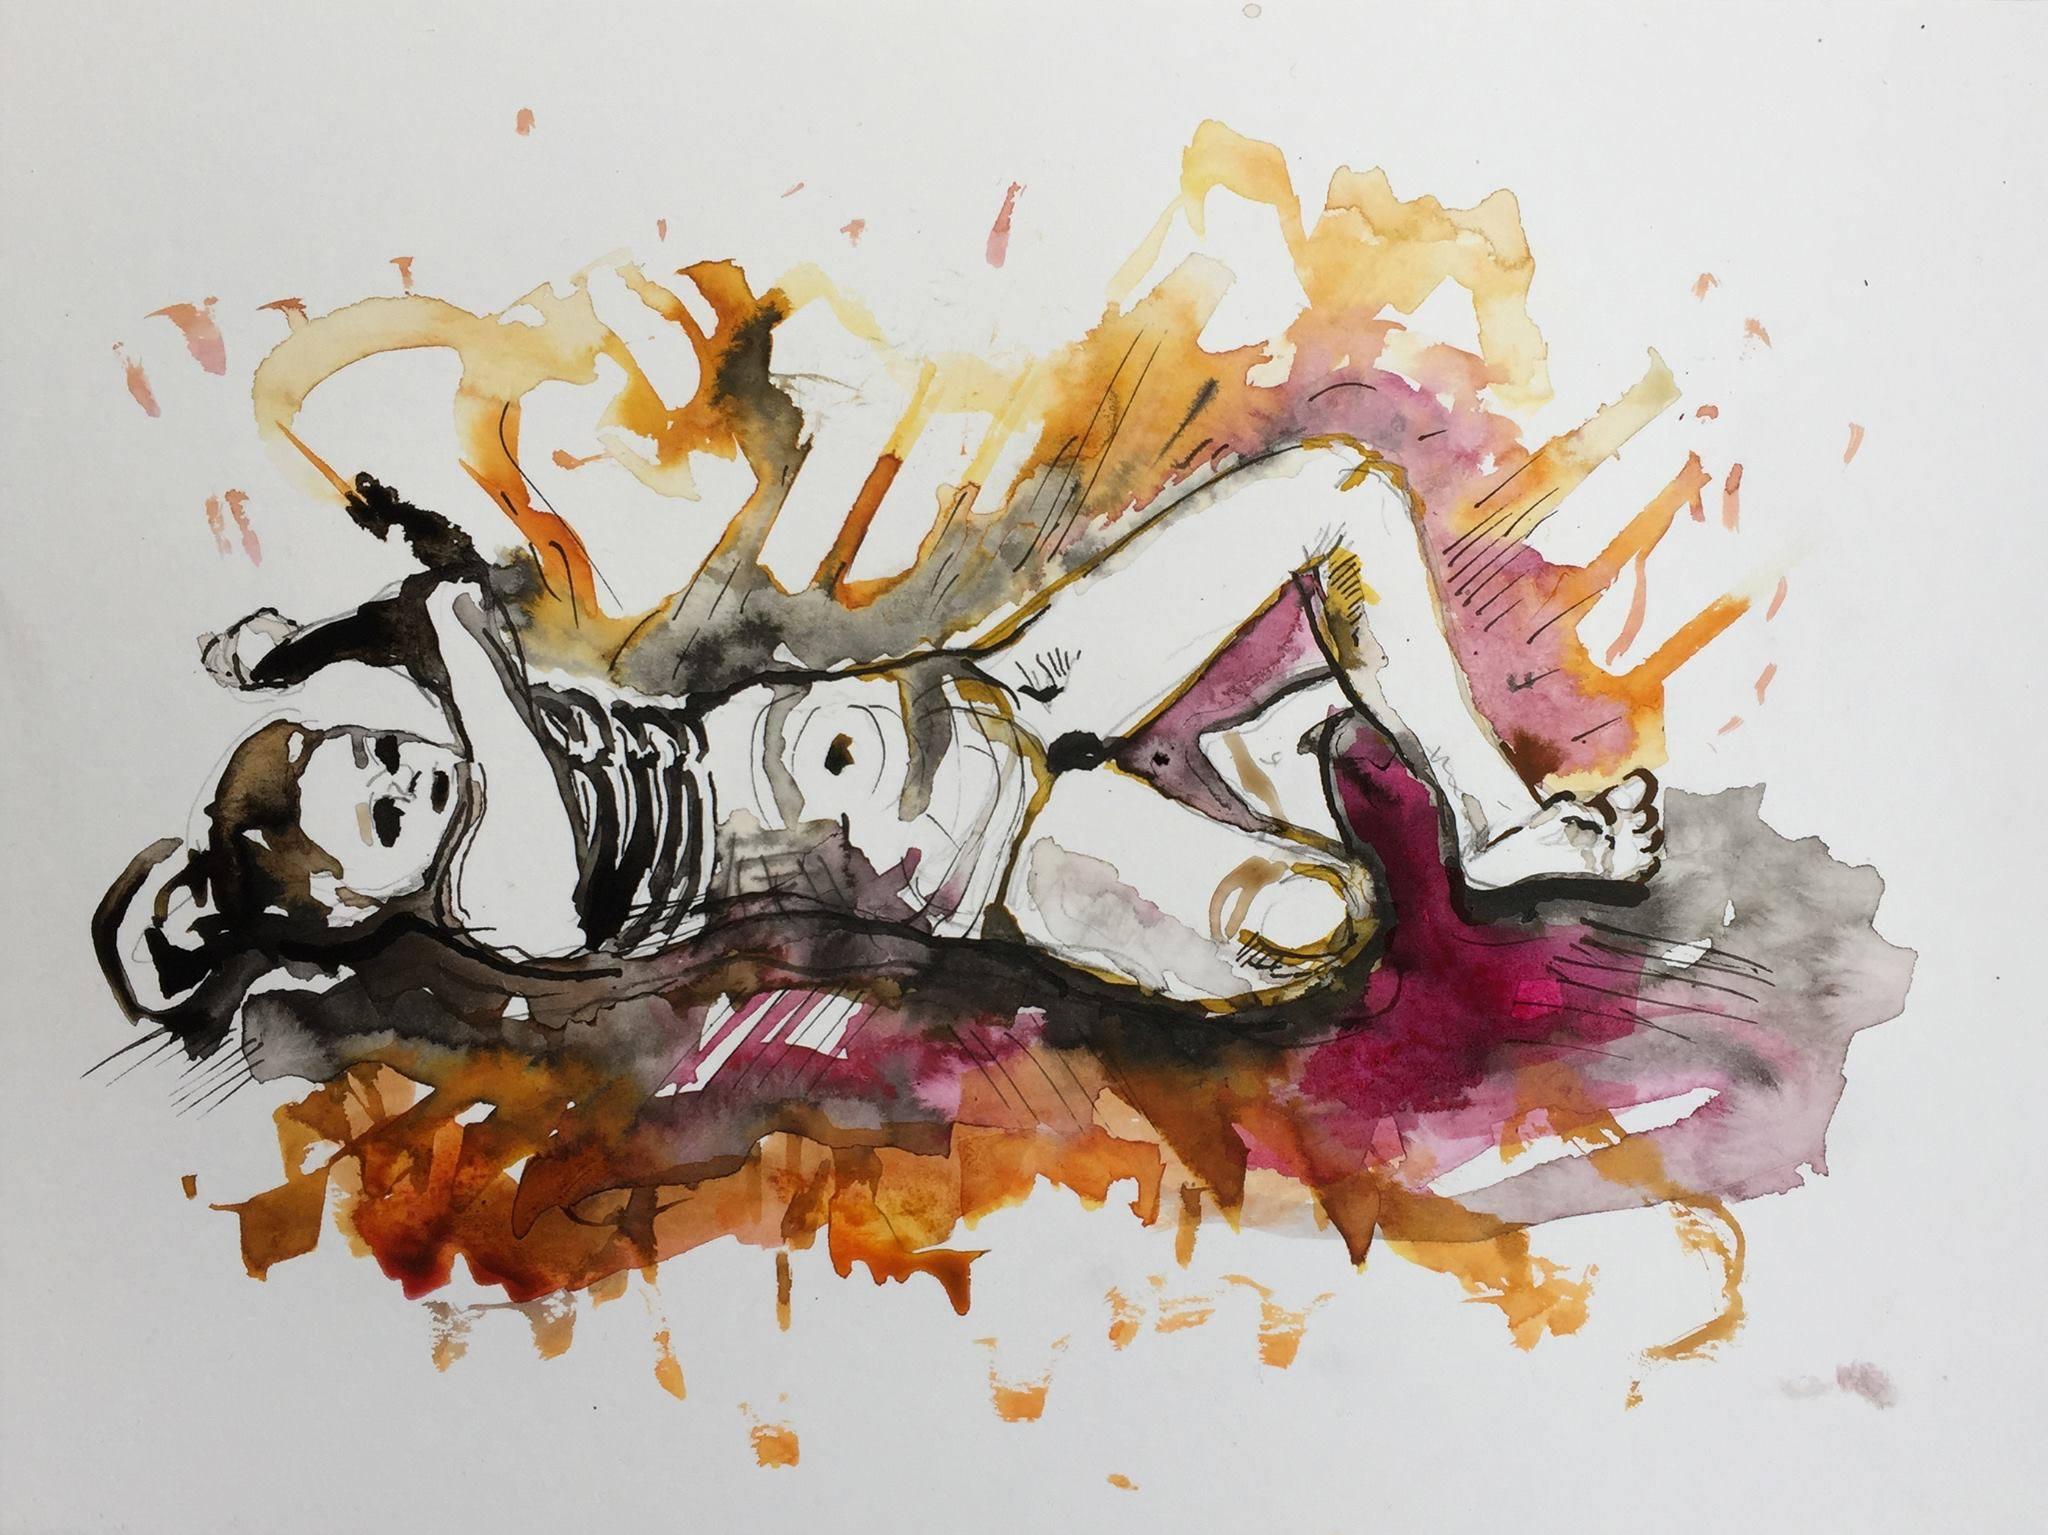 Burning, Tusche auf Papier, 24 x 32, 2106